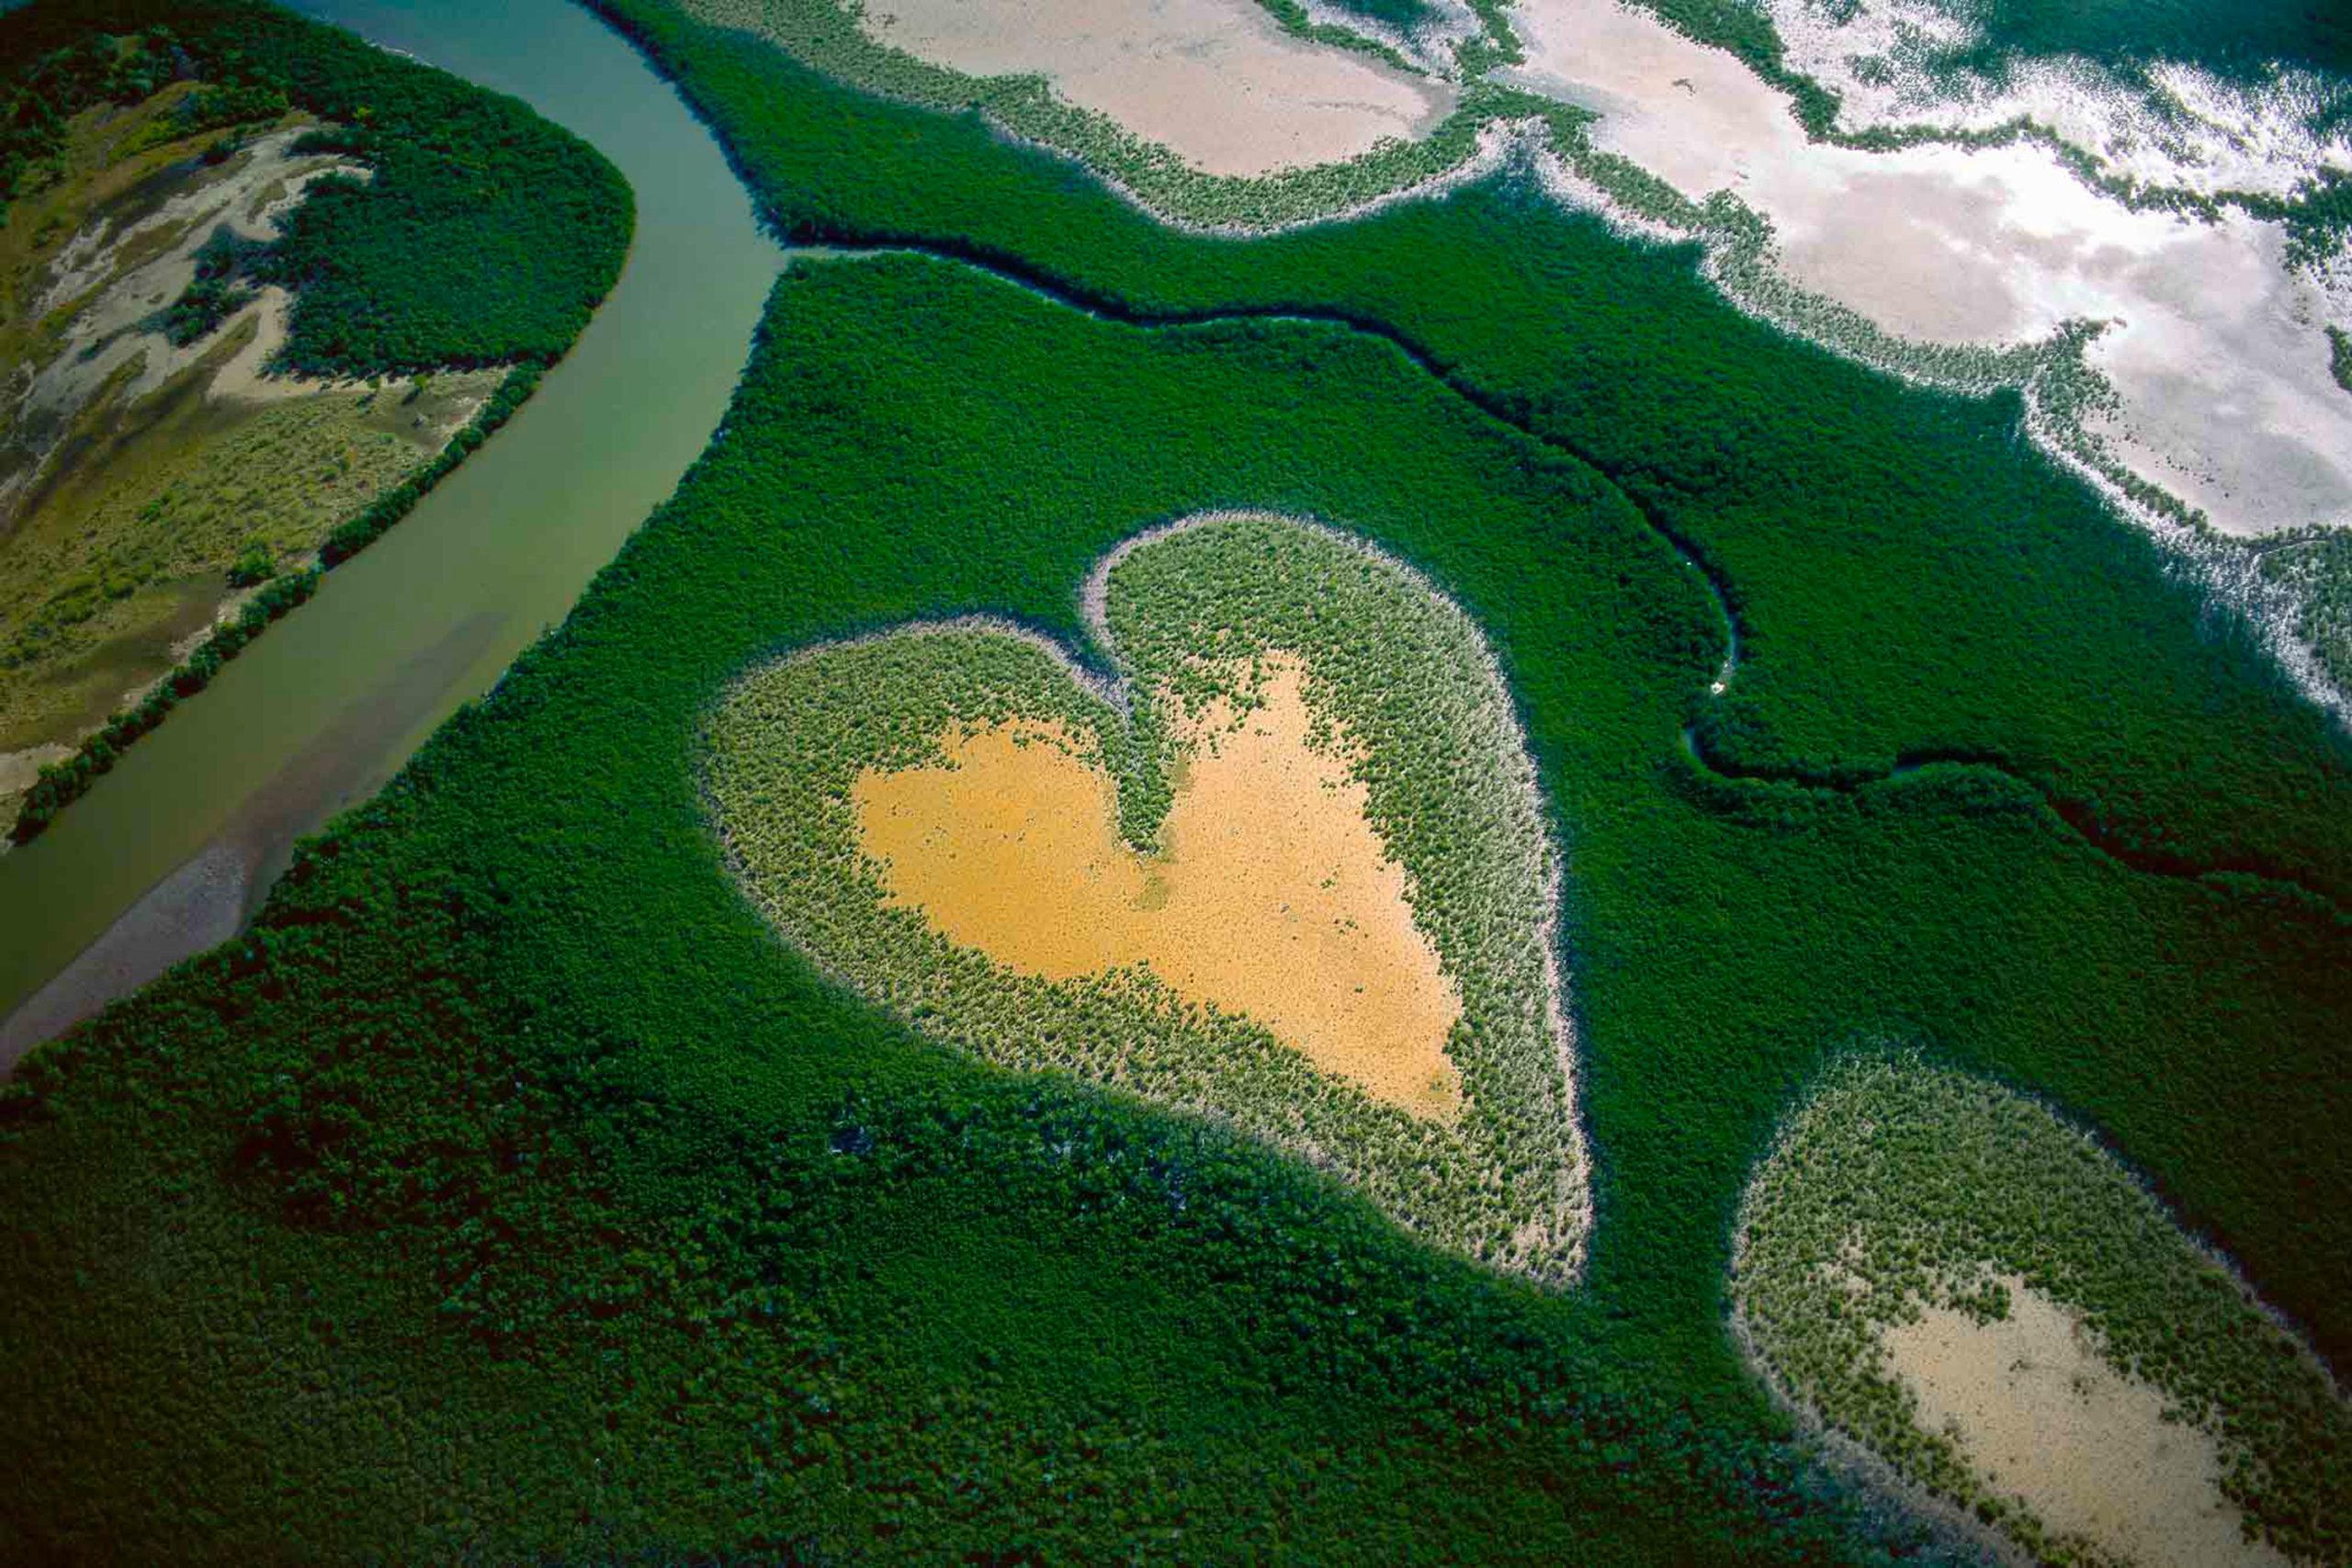 « Chacun est responsable de la planète et doit la protéger à son échelle » Yann Arthus-Bertrand